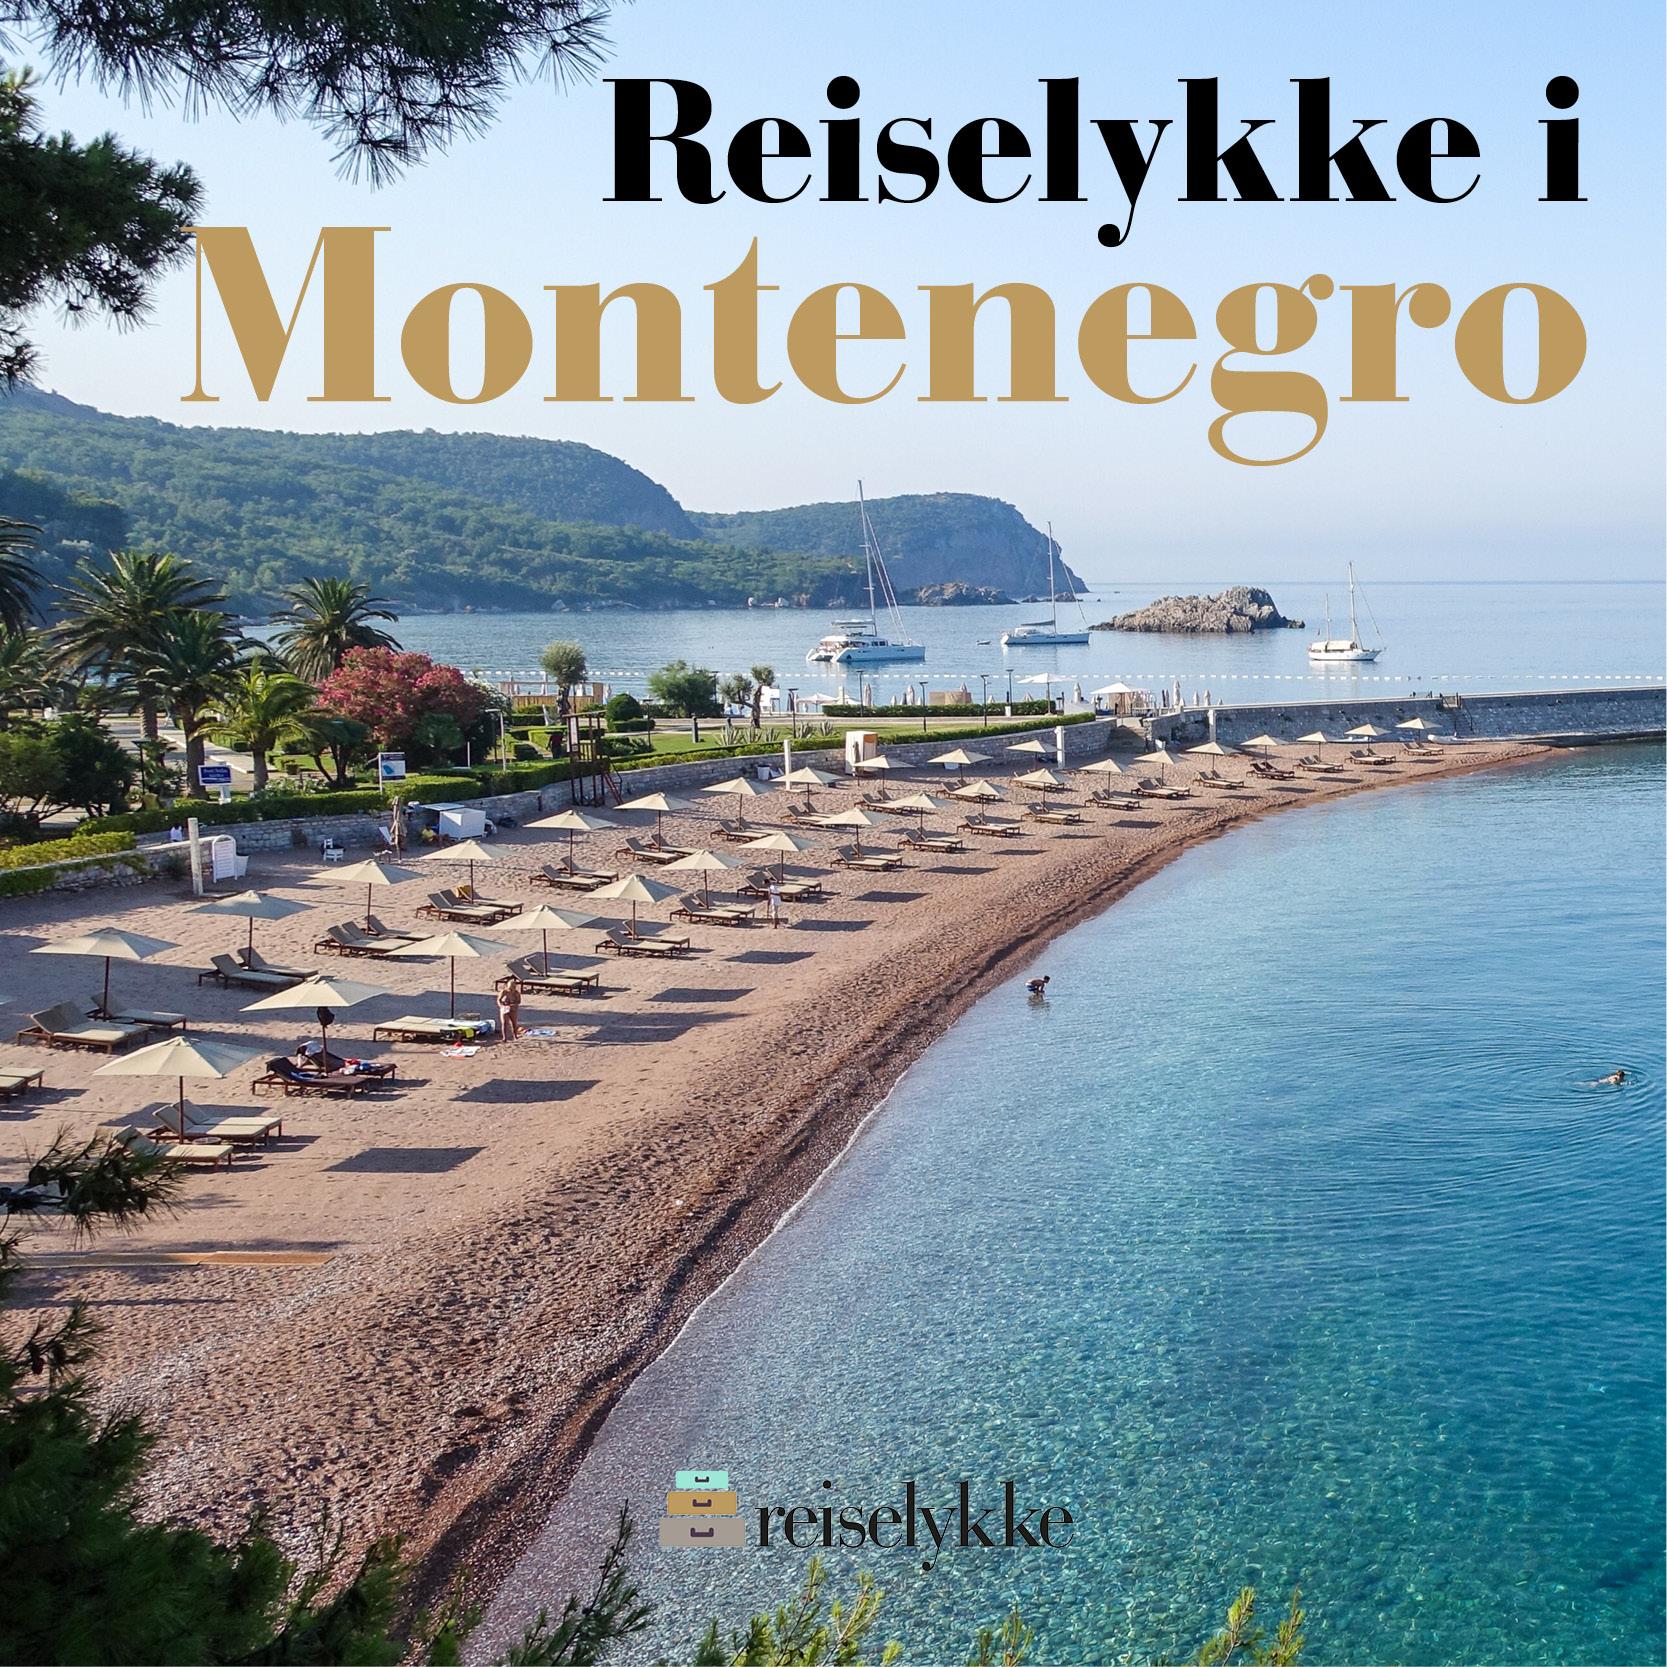 E-bok: Reiselykke i Montenegro